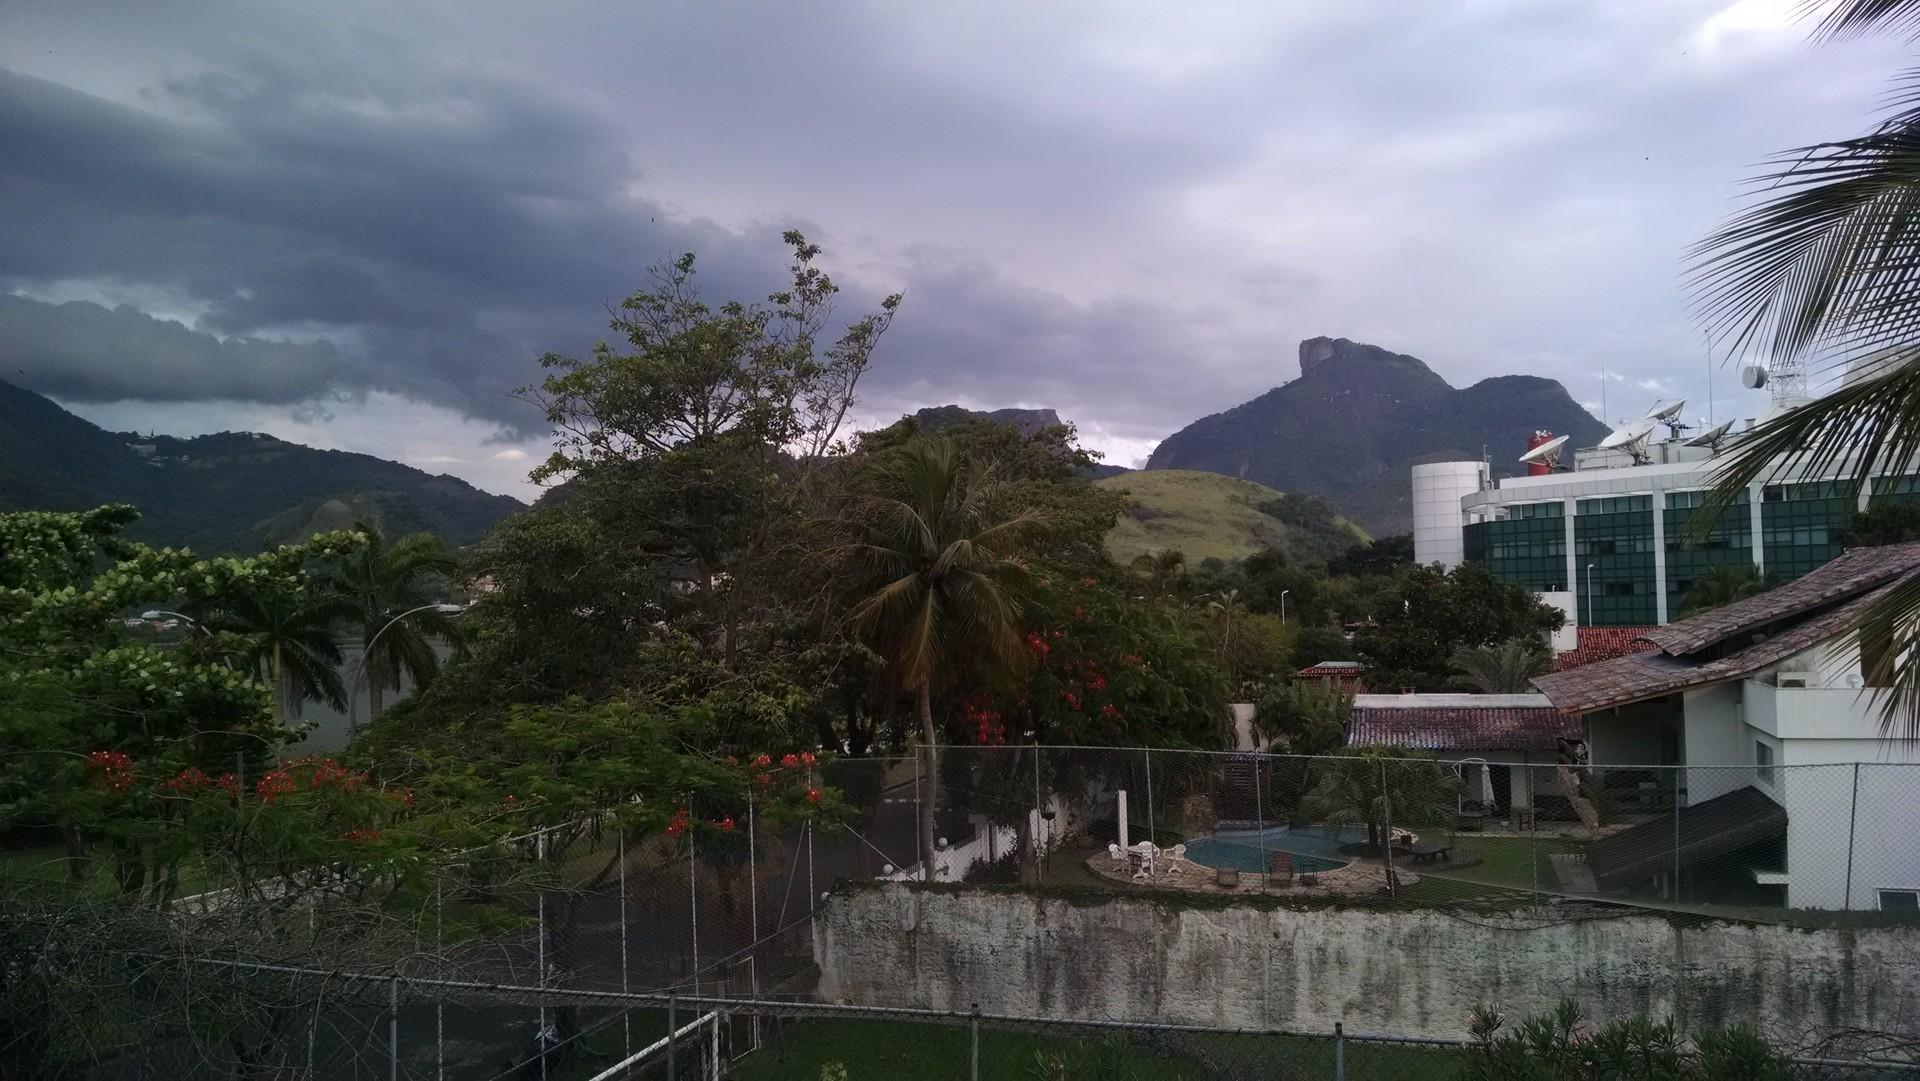 Quarto por  temporada/fixo. a partir de $1500.00. Rio de Janeiro